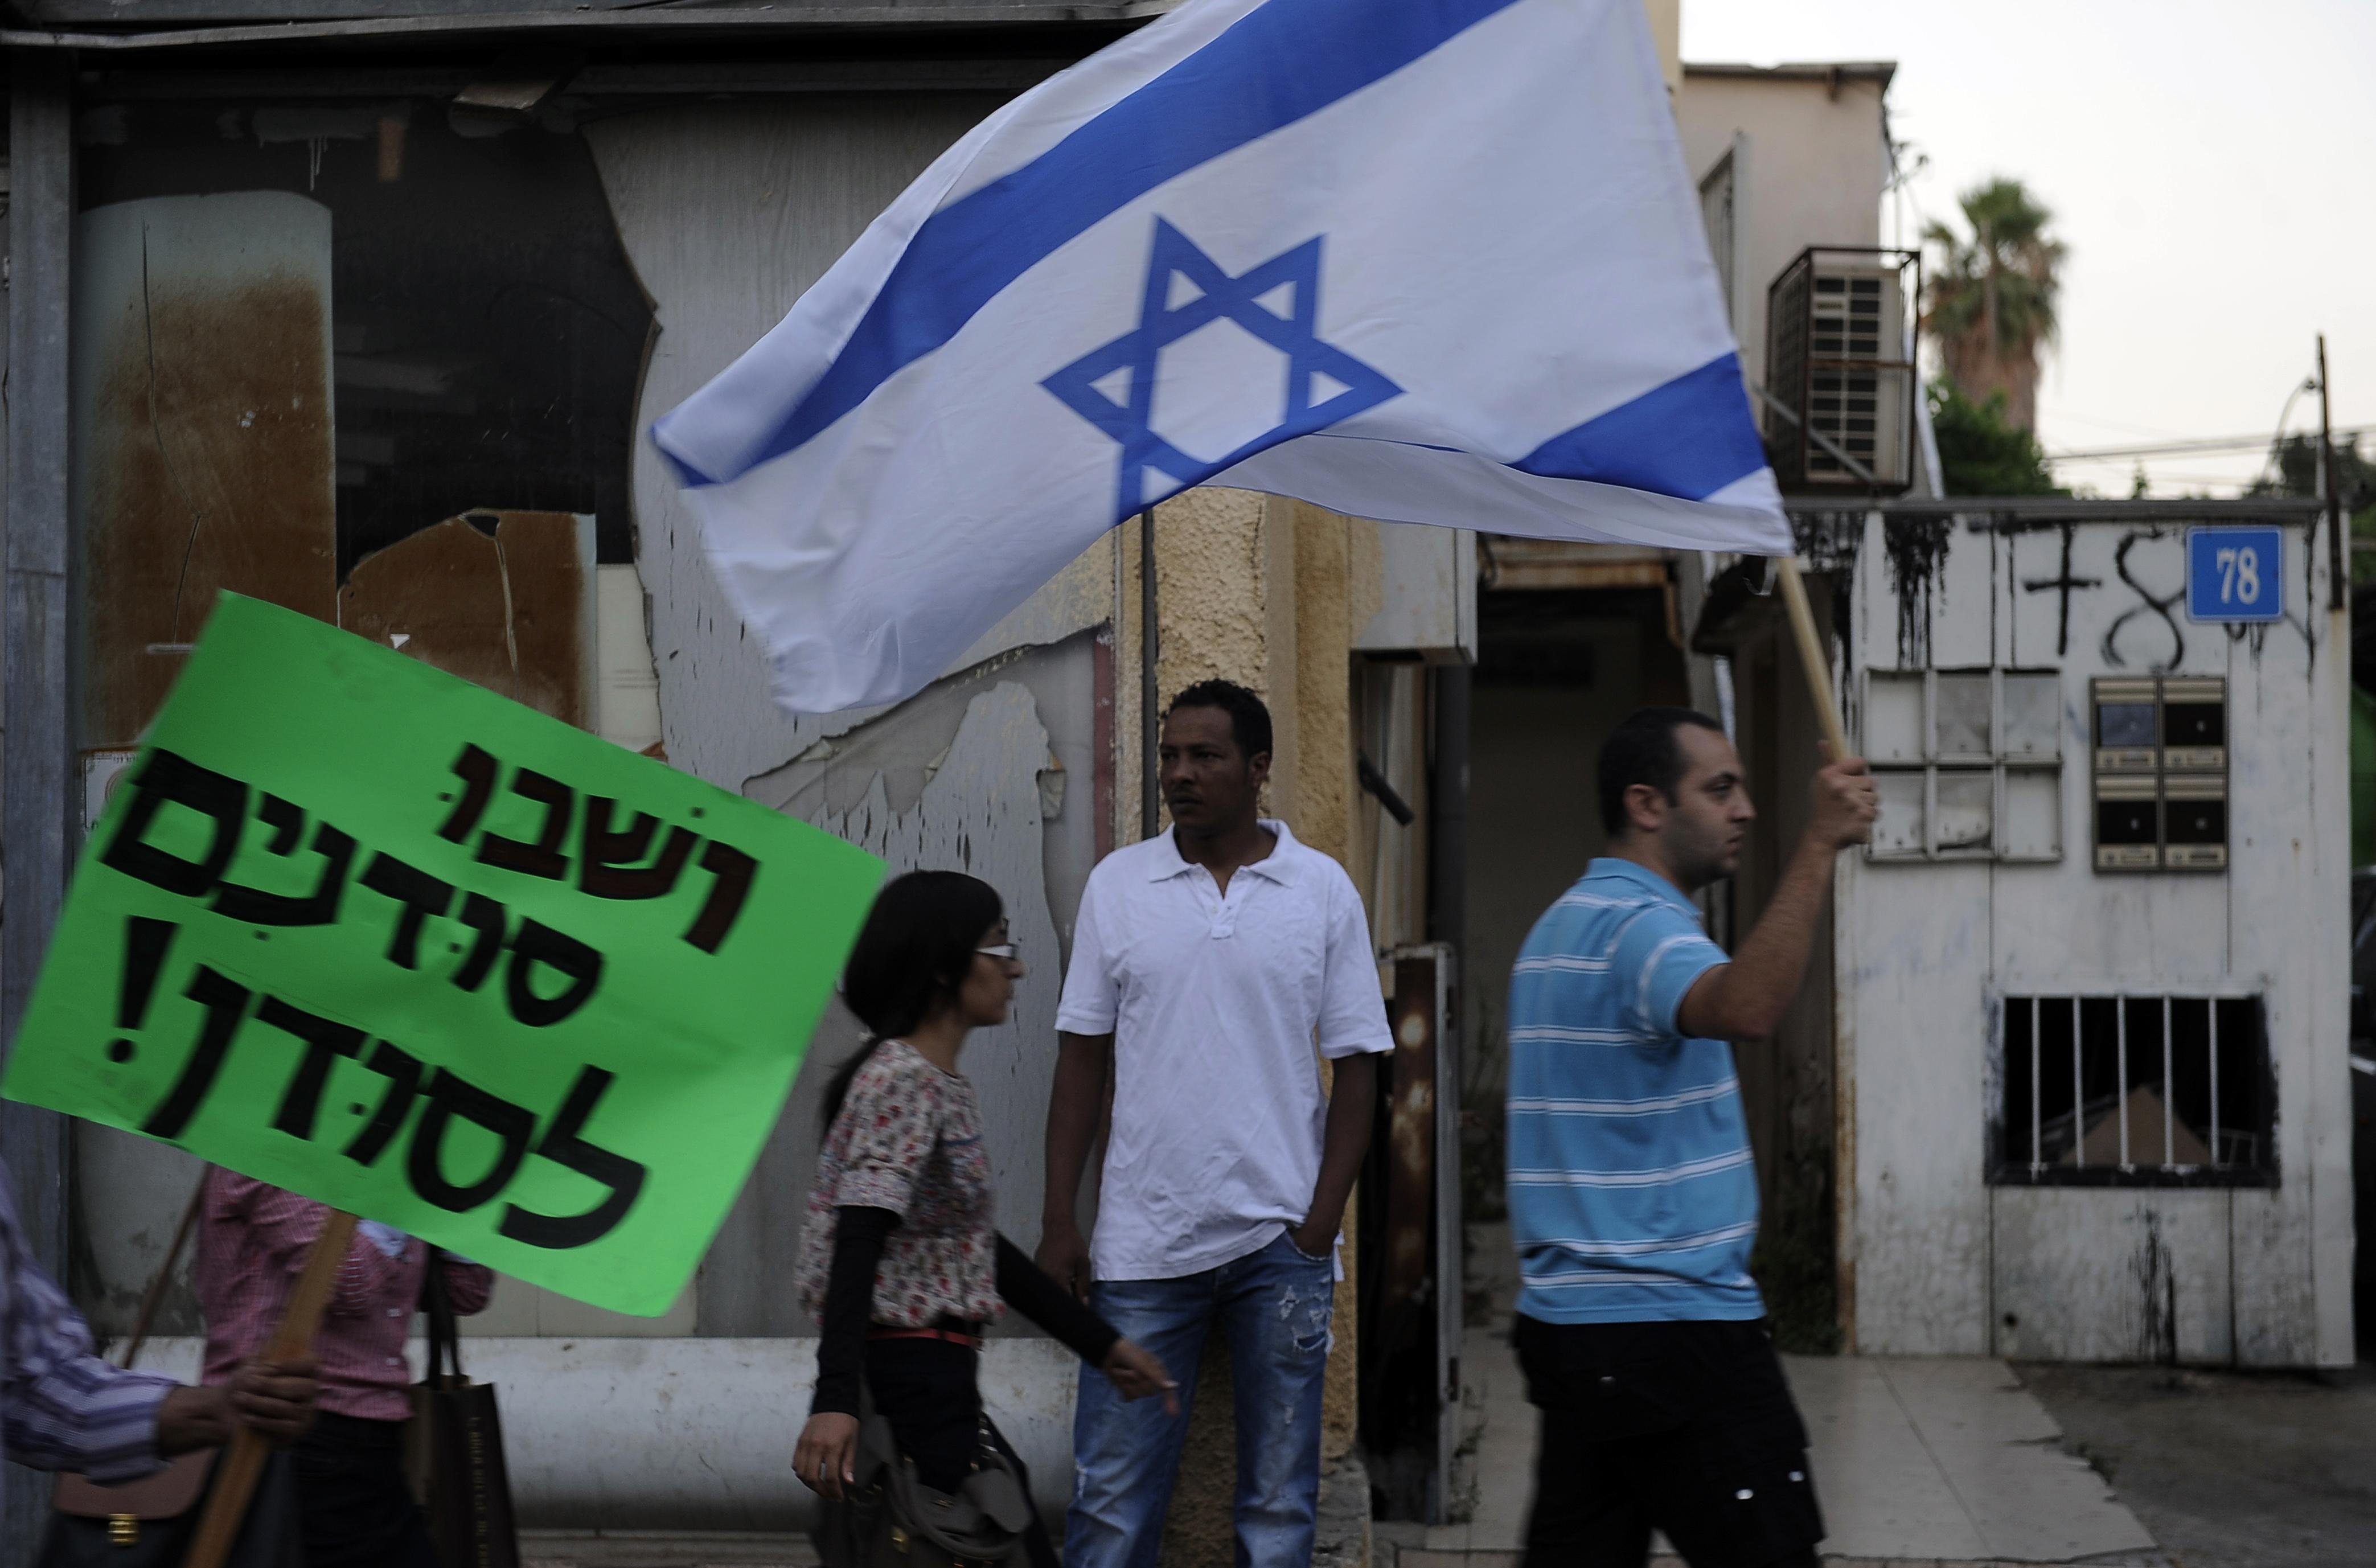 لماذا يرفض الإسرائيليون اللاجئين الأفارقة؟